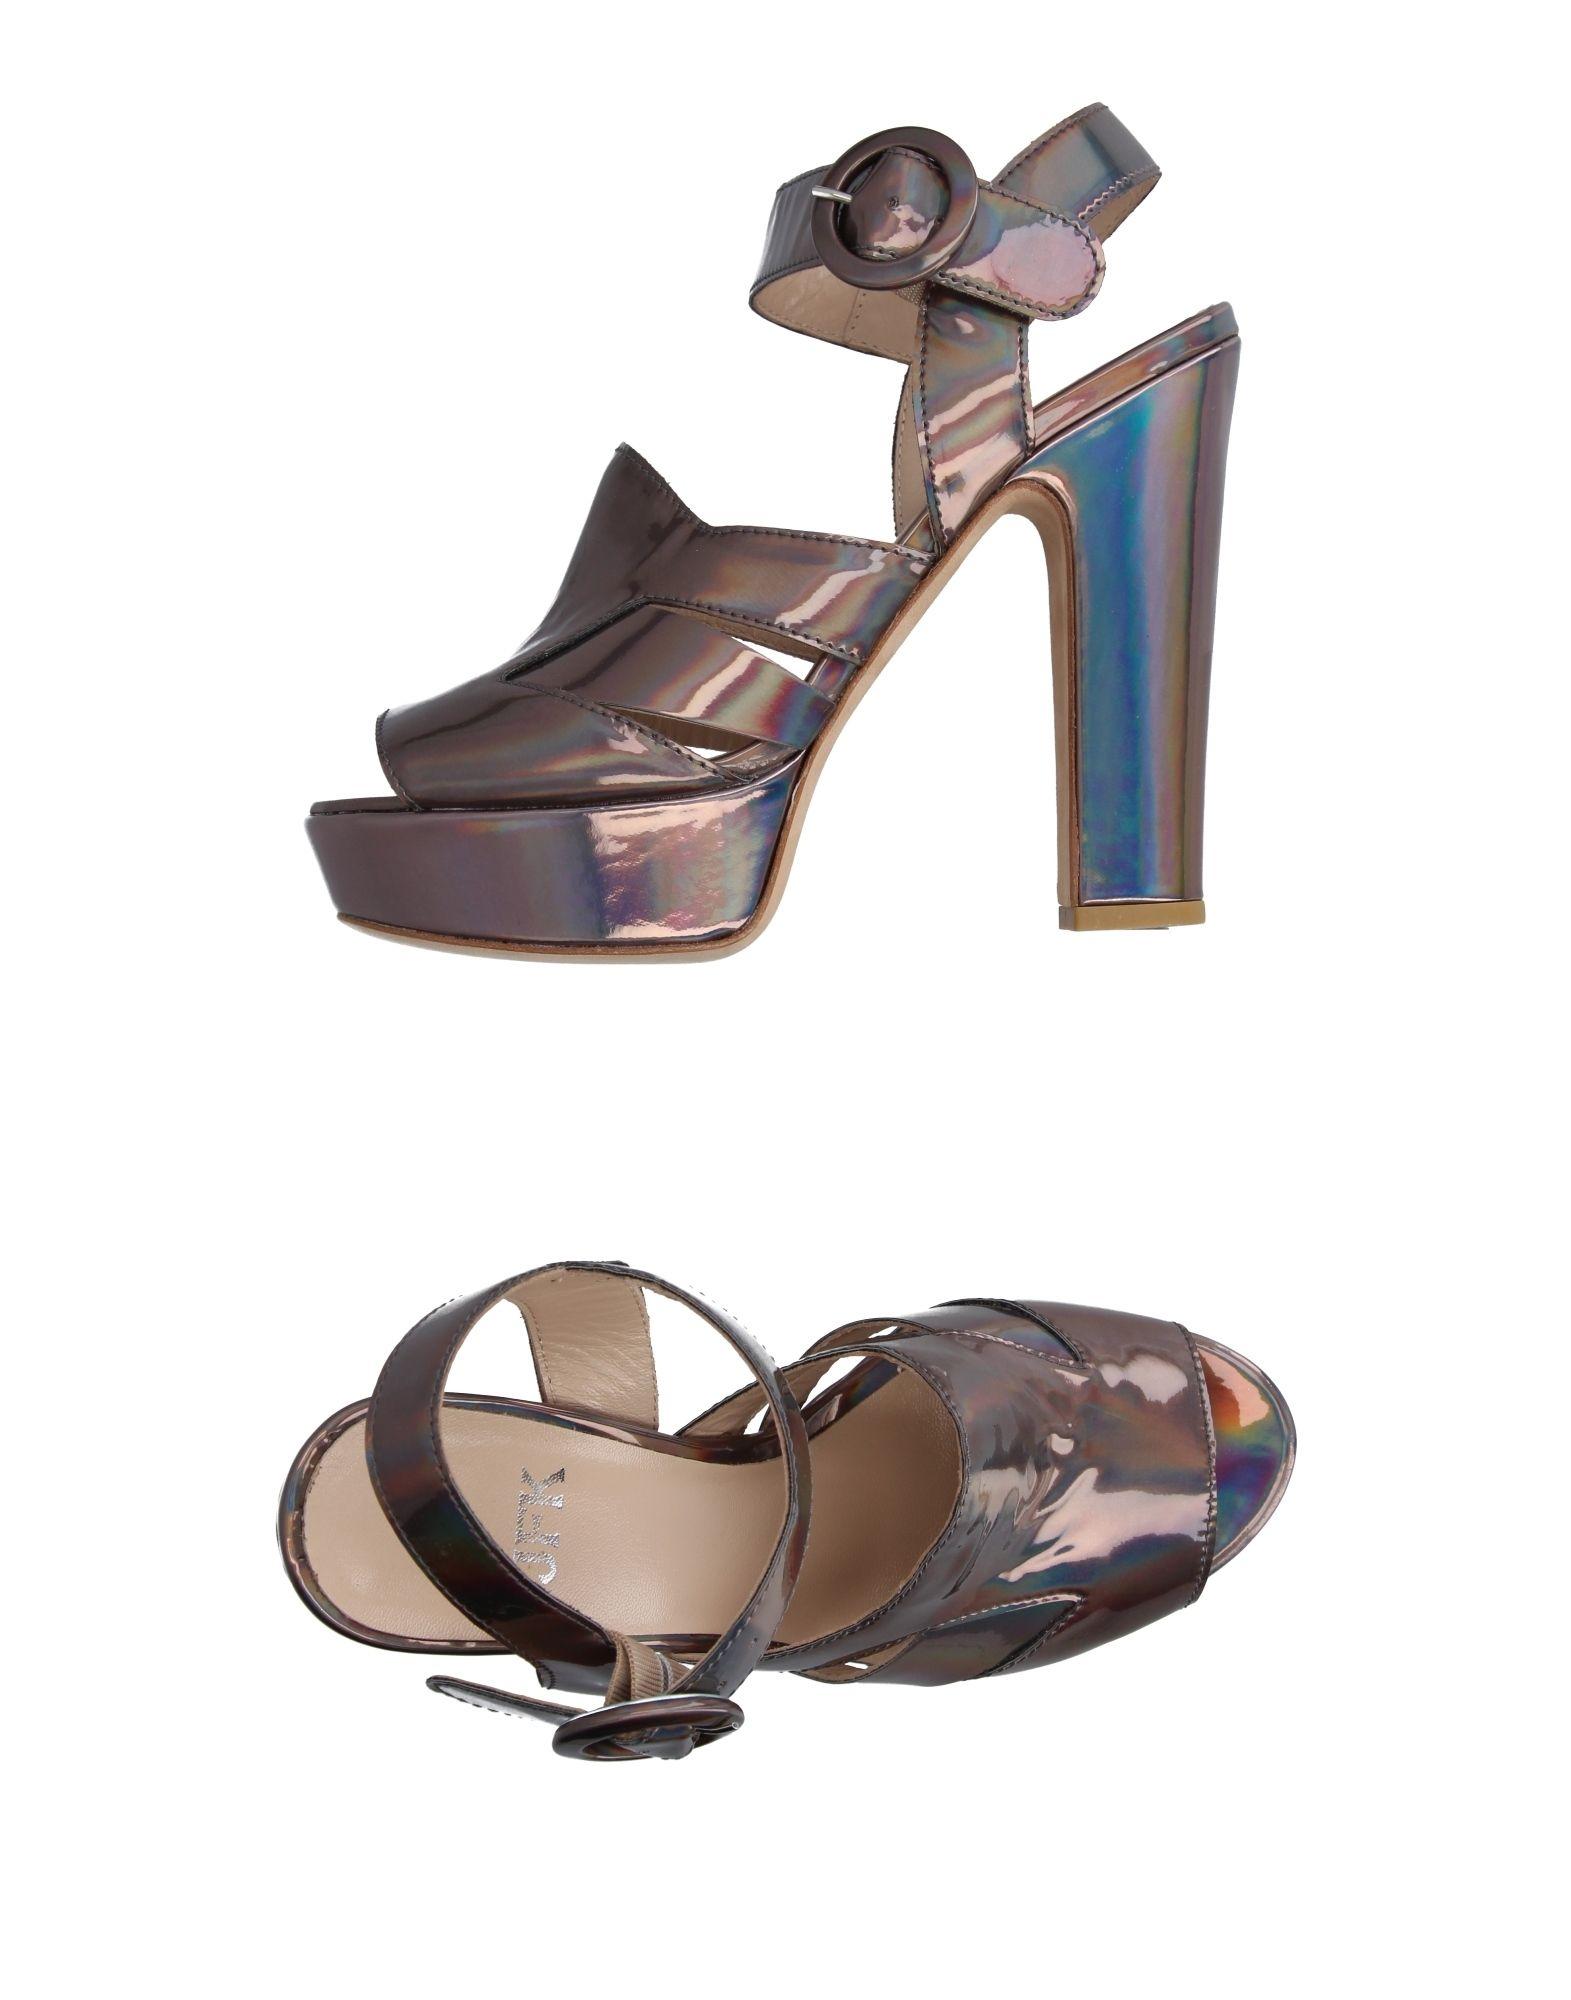 Jfk Schuhe Sandalen Damen  11229584PK Gute Qualität beliebte Schuhe Jfk 1bf466